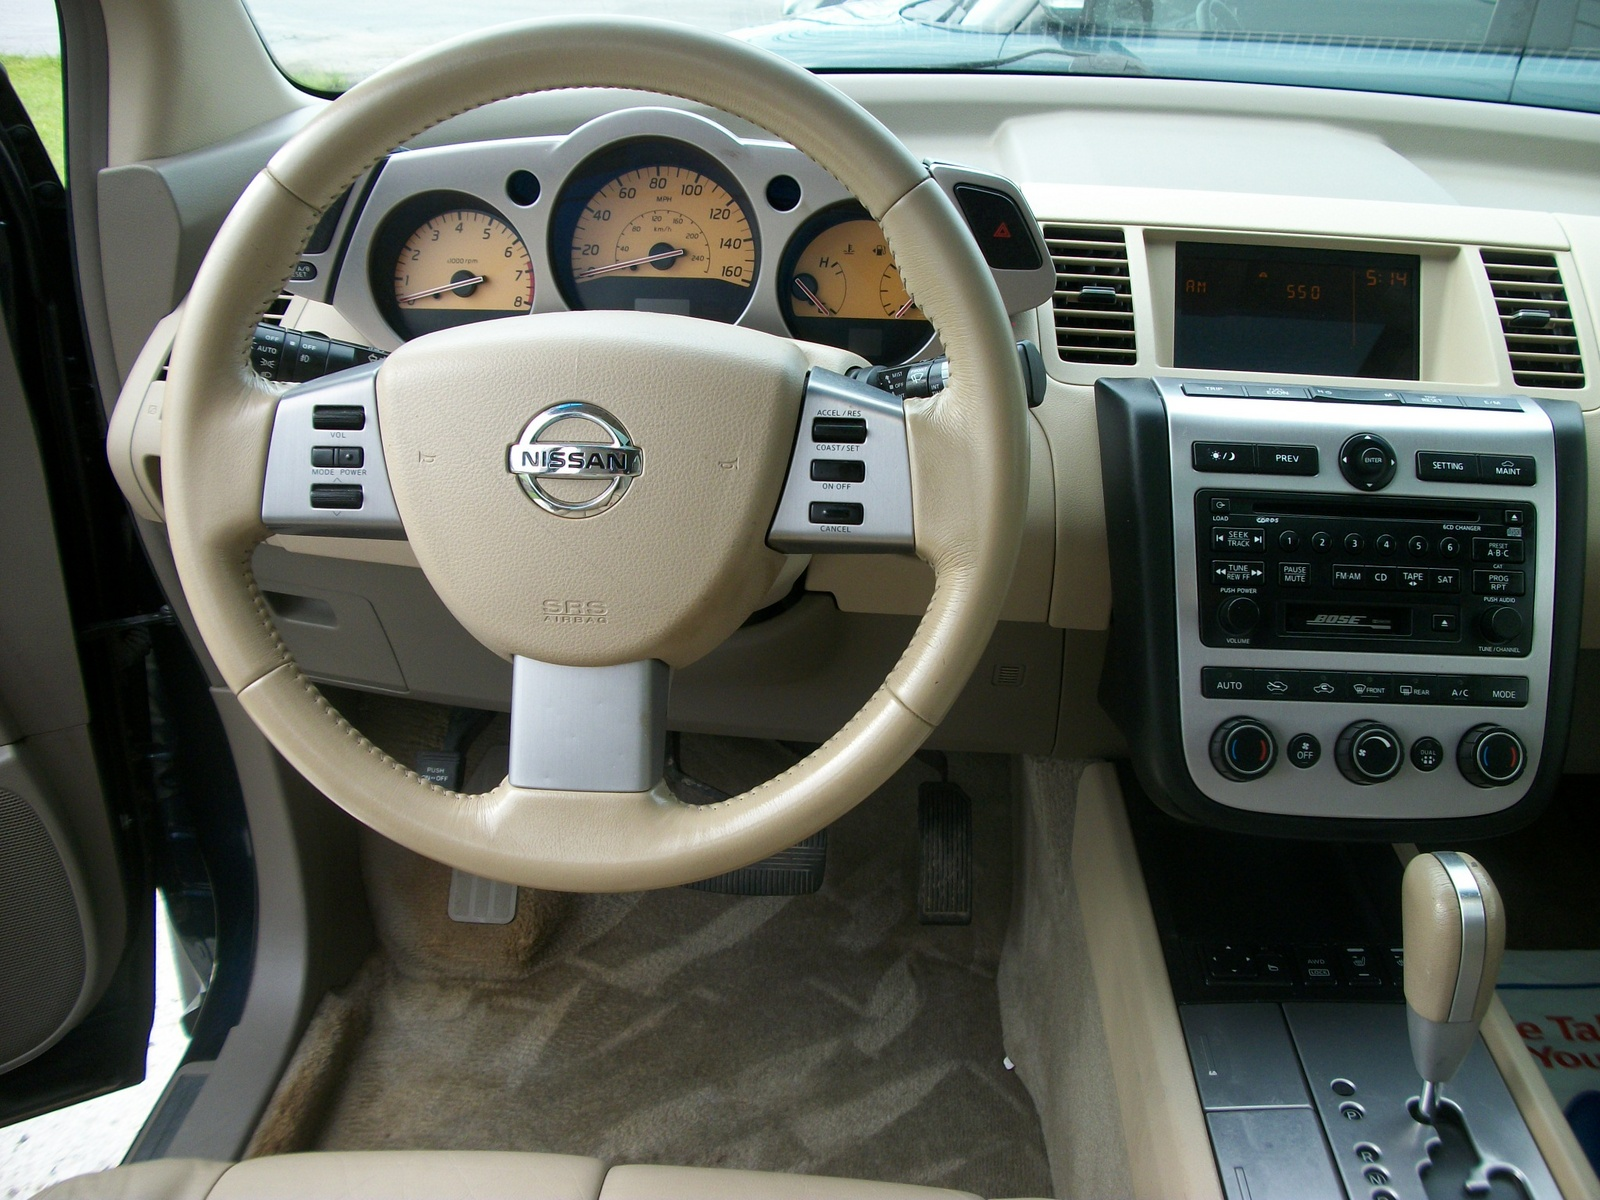 2005 nissan murano interior pictures cargurus 2005 nissan altima custom interior